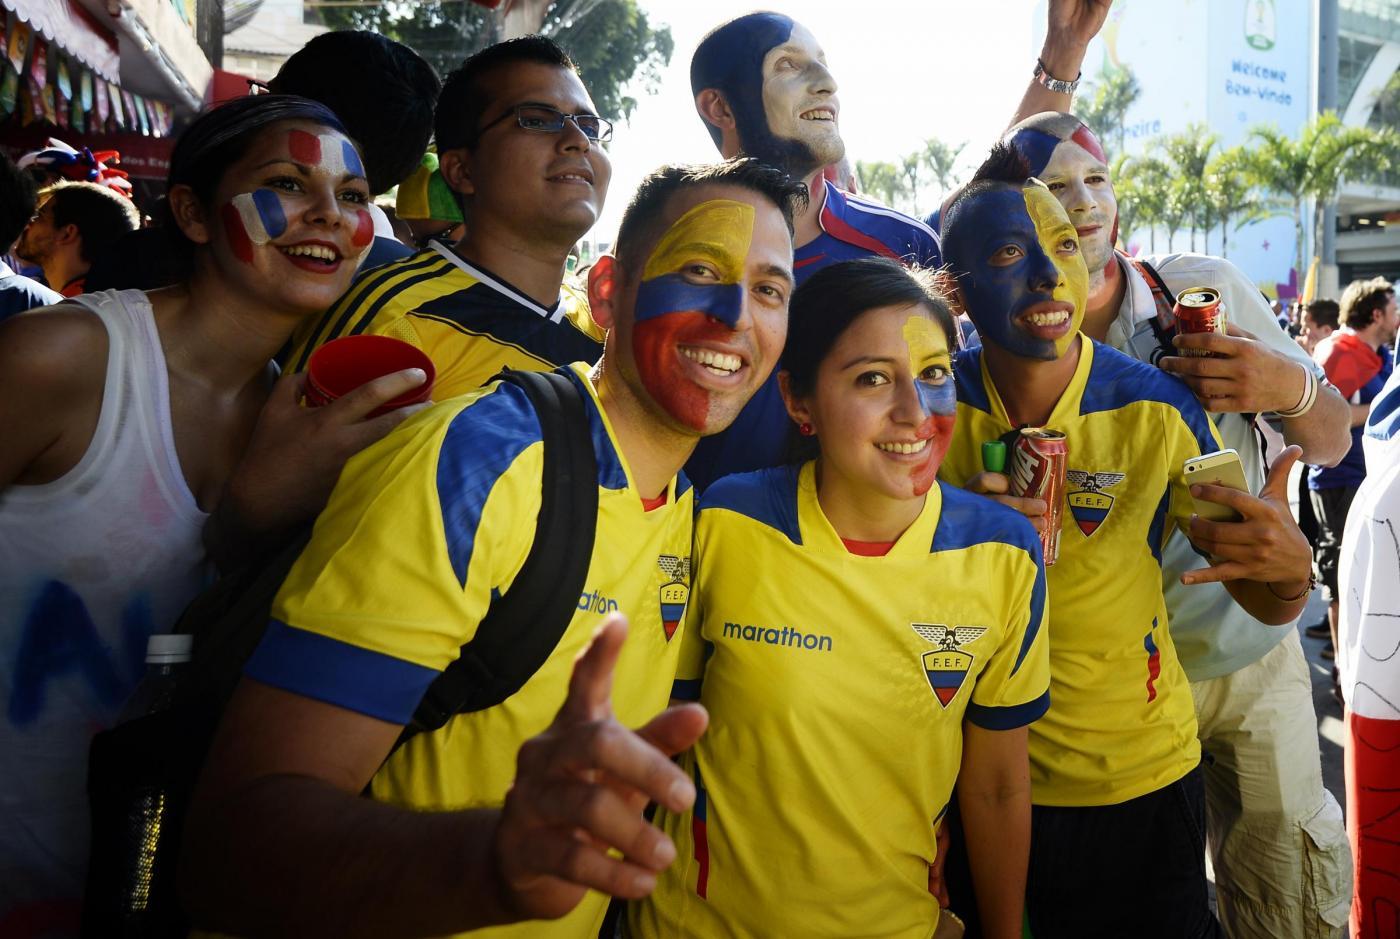 Ecuador-Giamaica 8 settembre: si gioca un match amichevole tra nazionali. I sudamericani partono favoriti per la vittoria.